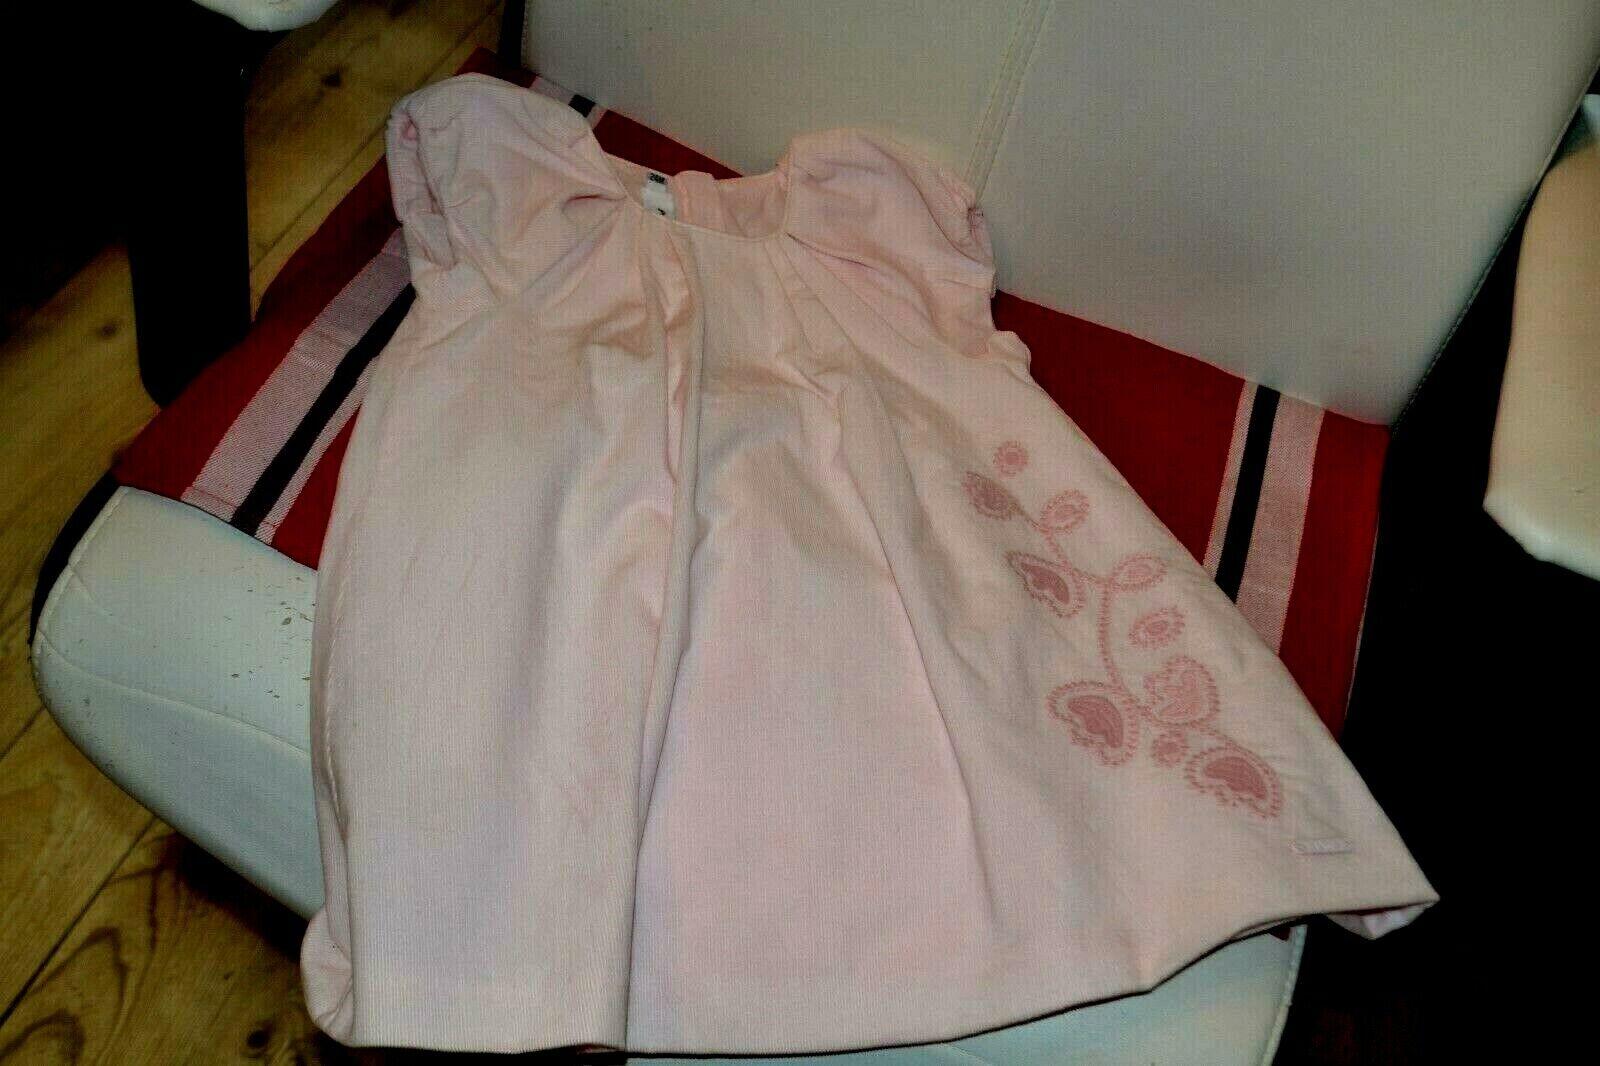 Robe baby dior 2 ans rose tendre fleurs sur le cote etat neuf**